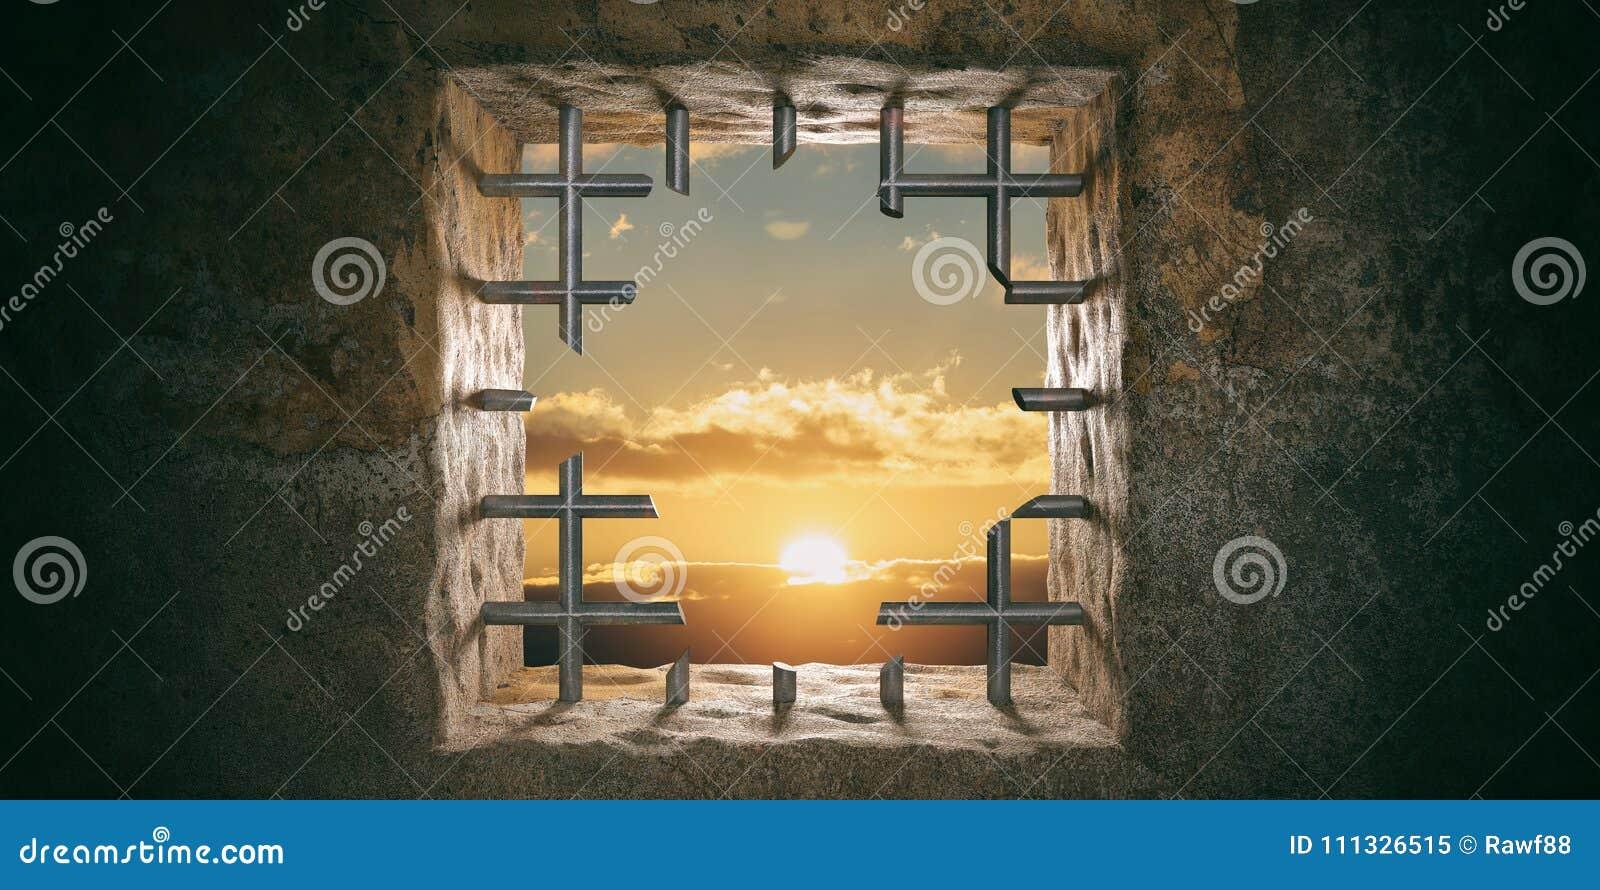 Escape, liberdade Prisão, janela com barras cortadas, por do sol da cadeia, opinião do nascer do sol ilustração 3D